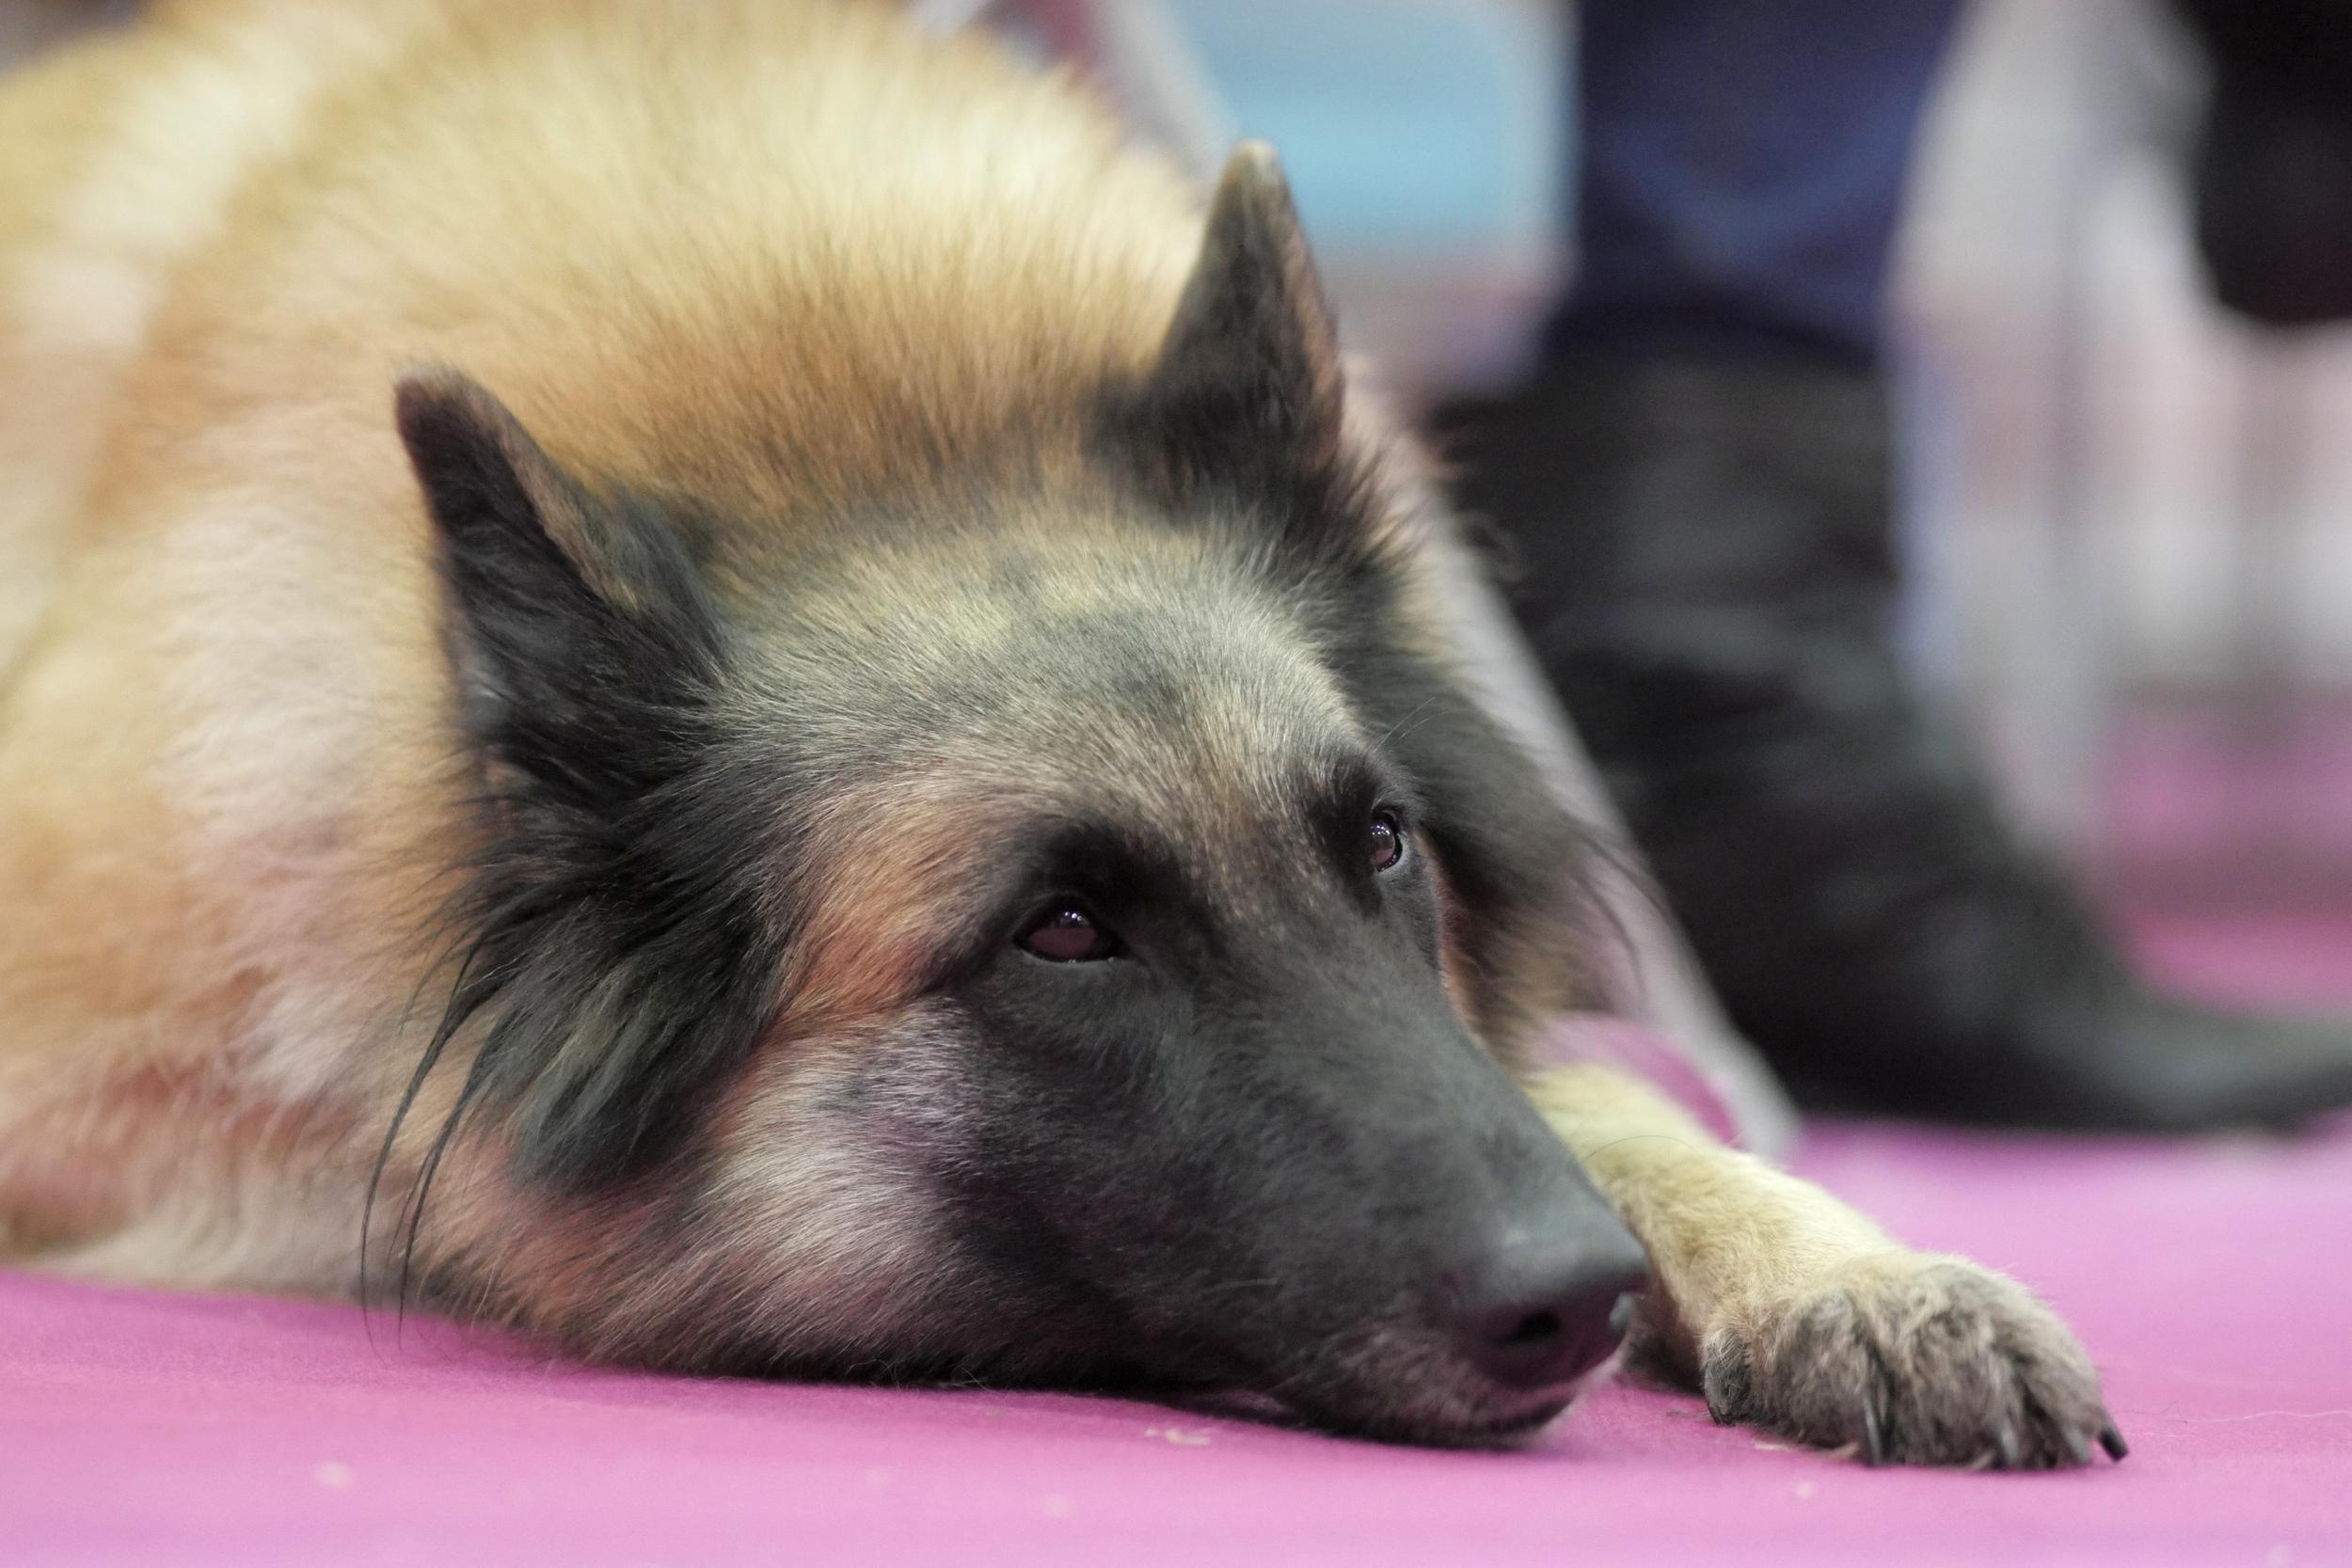 Belgian shepherd resting